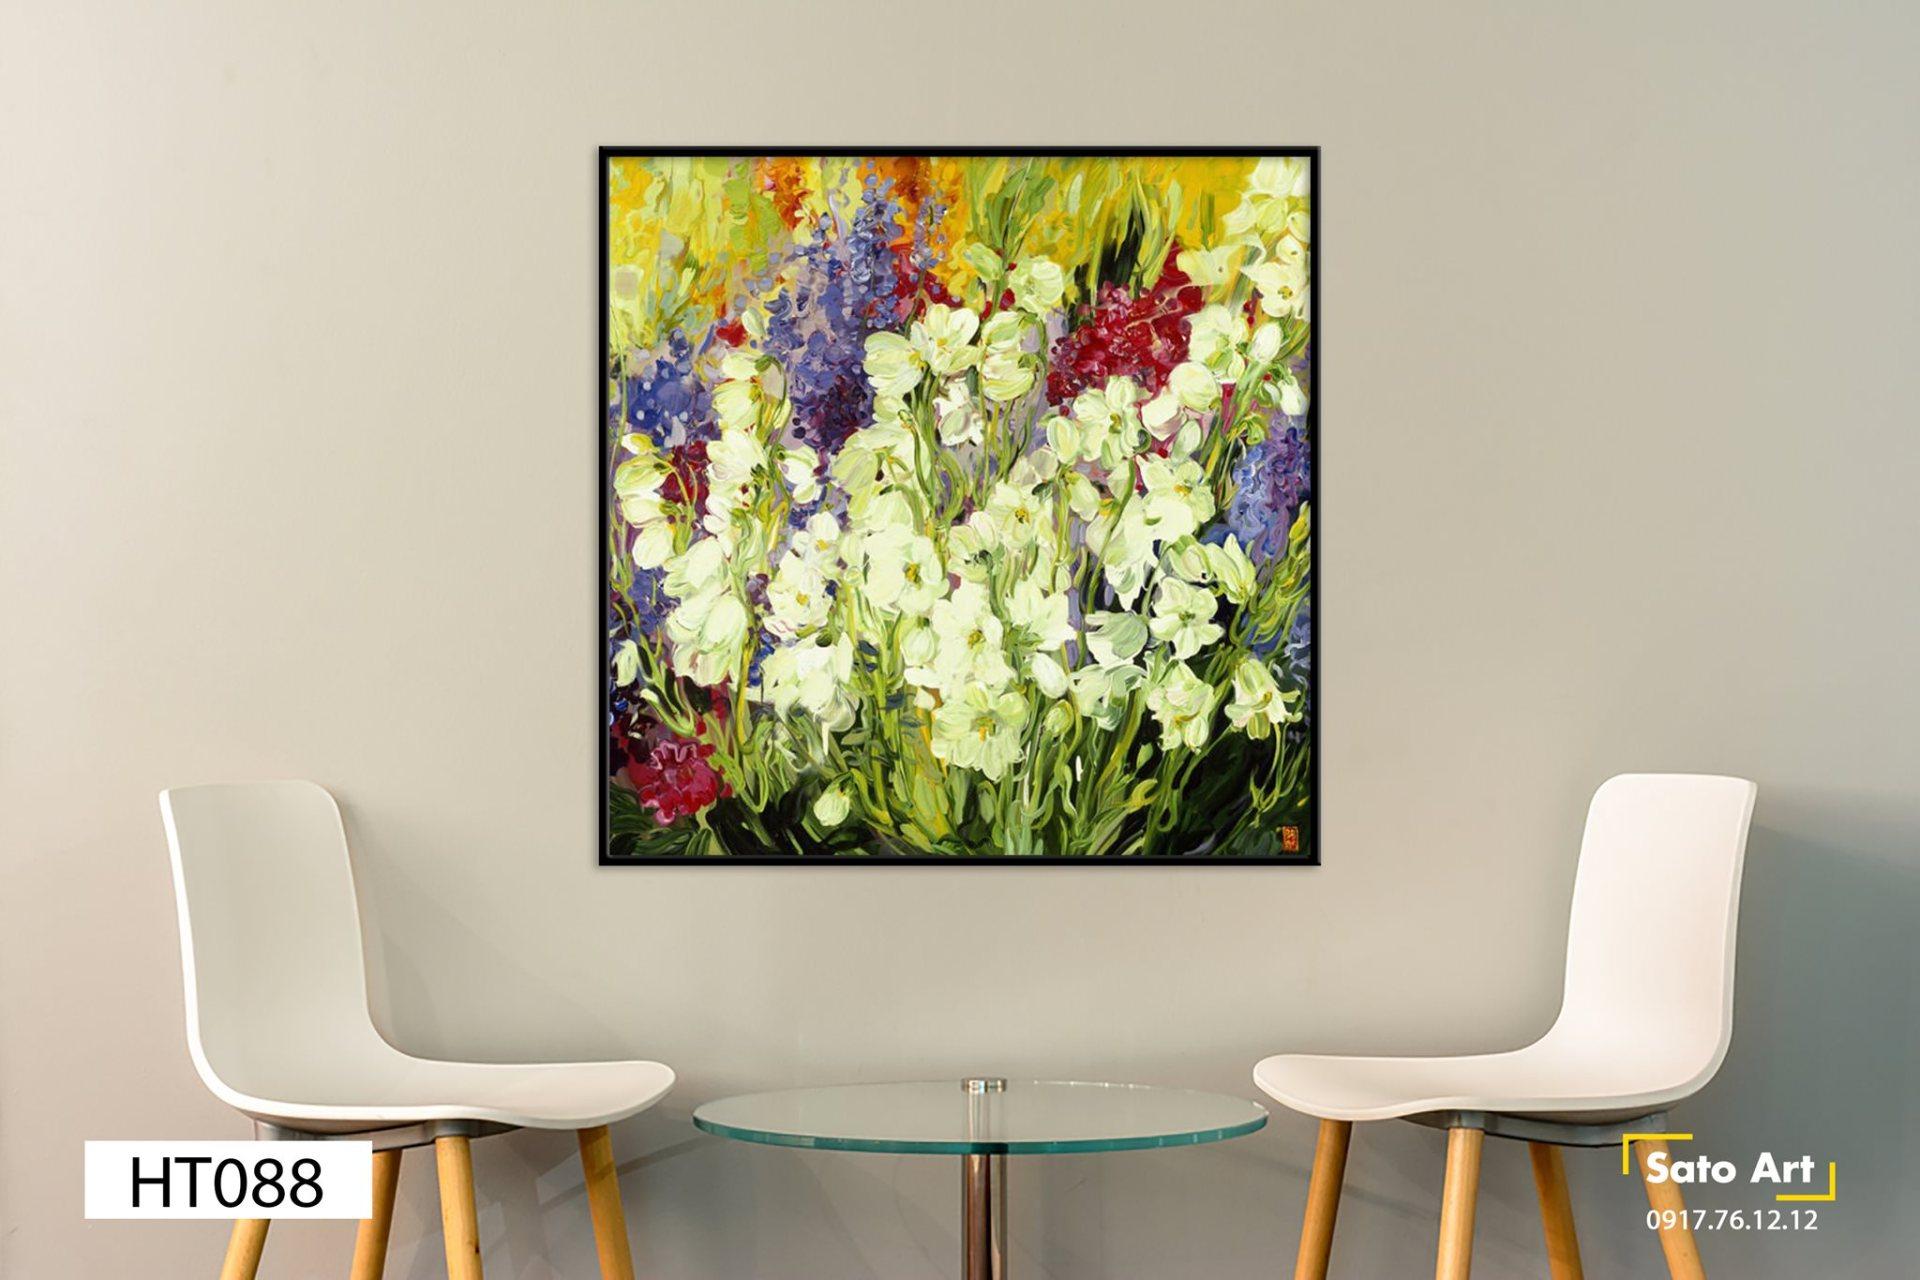 tranh bụi hoa đa sắc